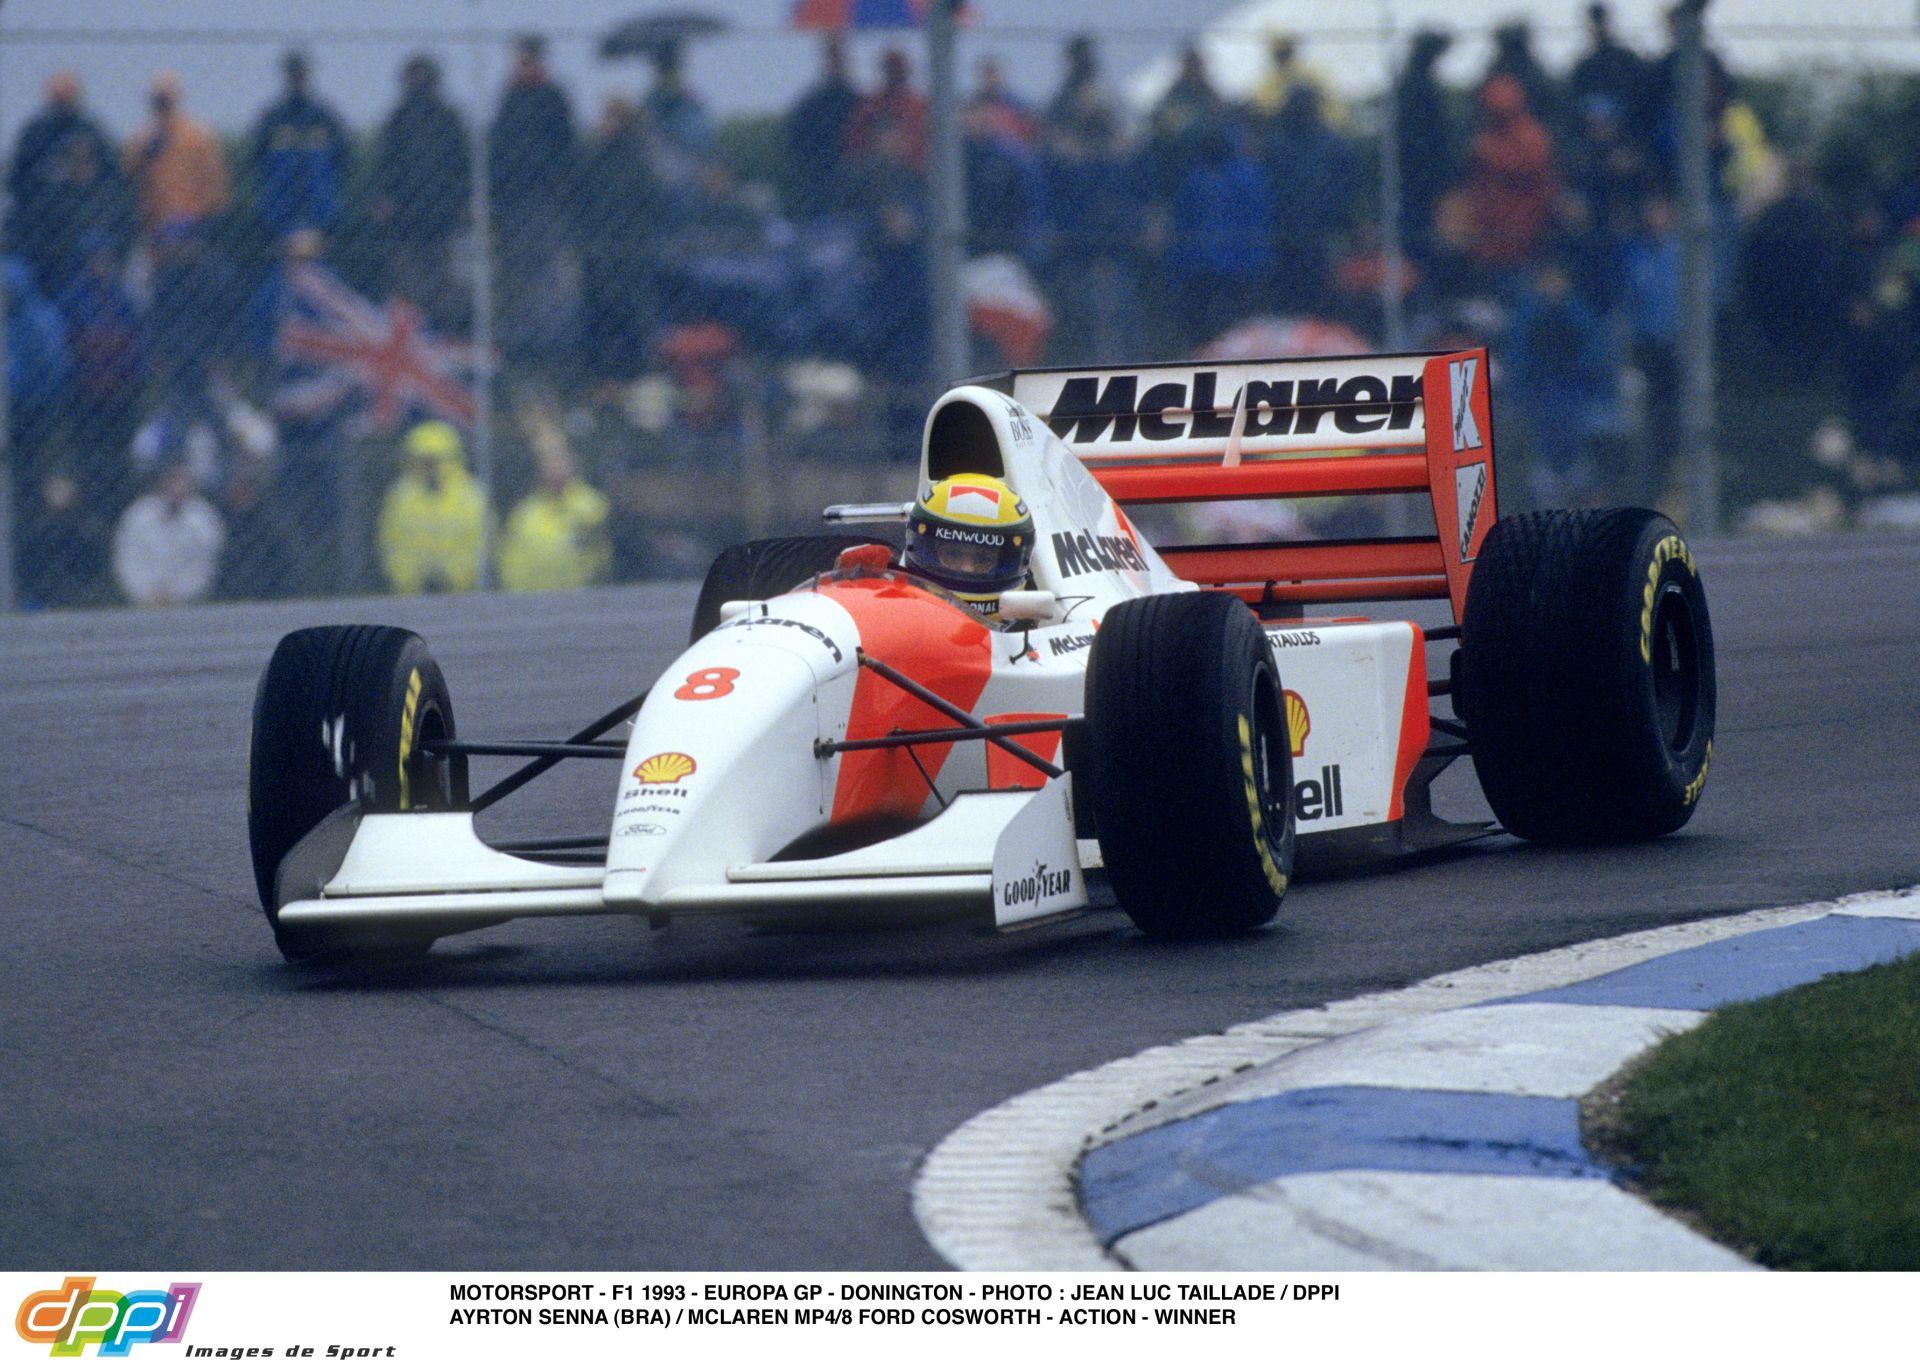 Ayrton Senna, akiről még mindig nagyon nehéz beszélnünk